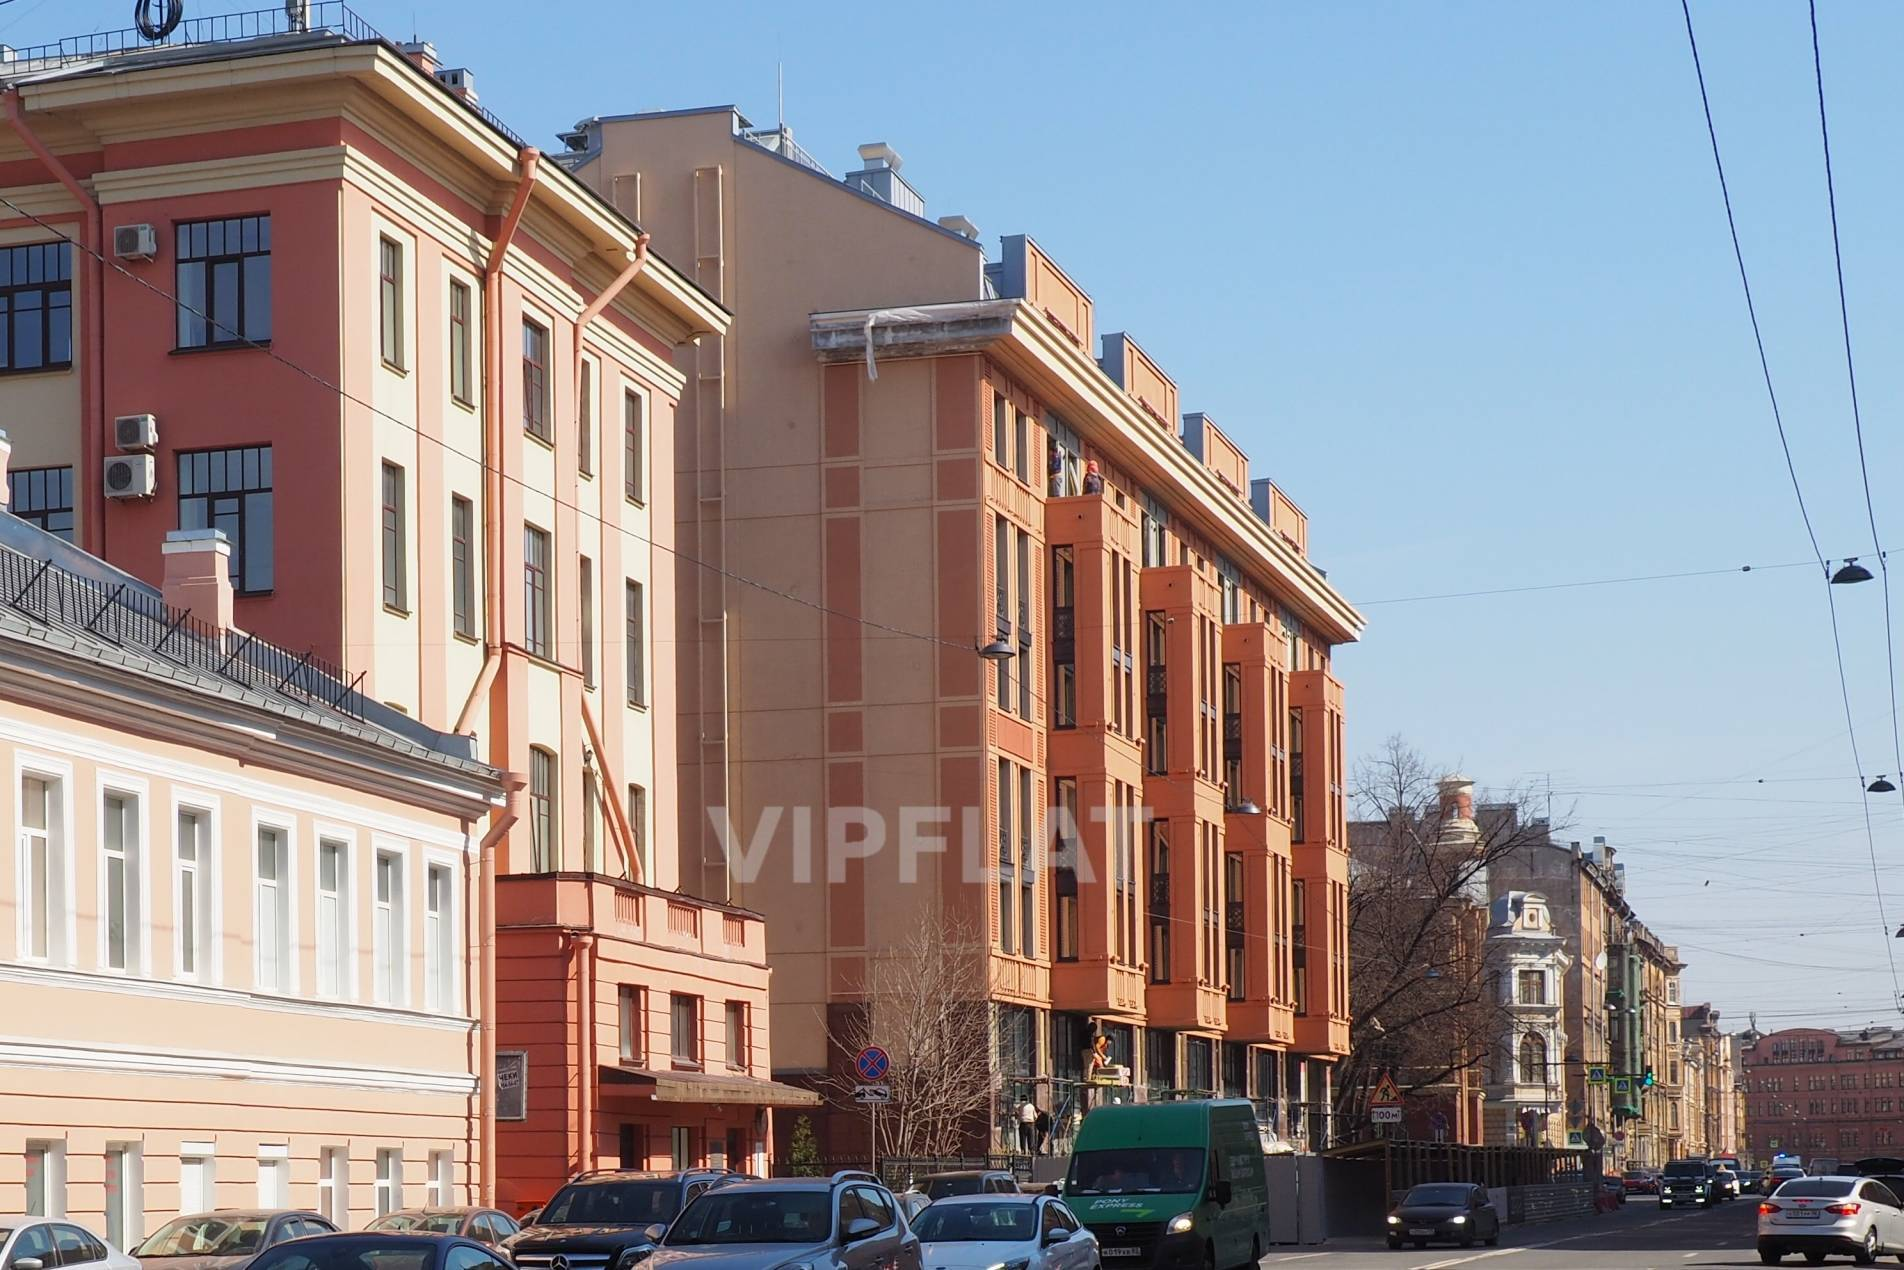 Продажа элитных квартир Санкт-Петербурга. 2-я Советская ул., 4 Новый дом с самом центре города